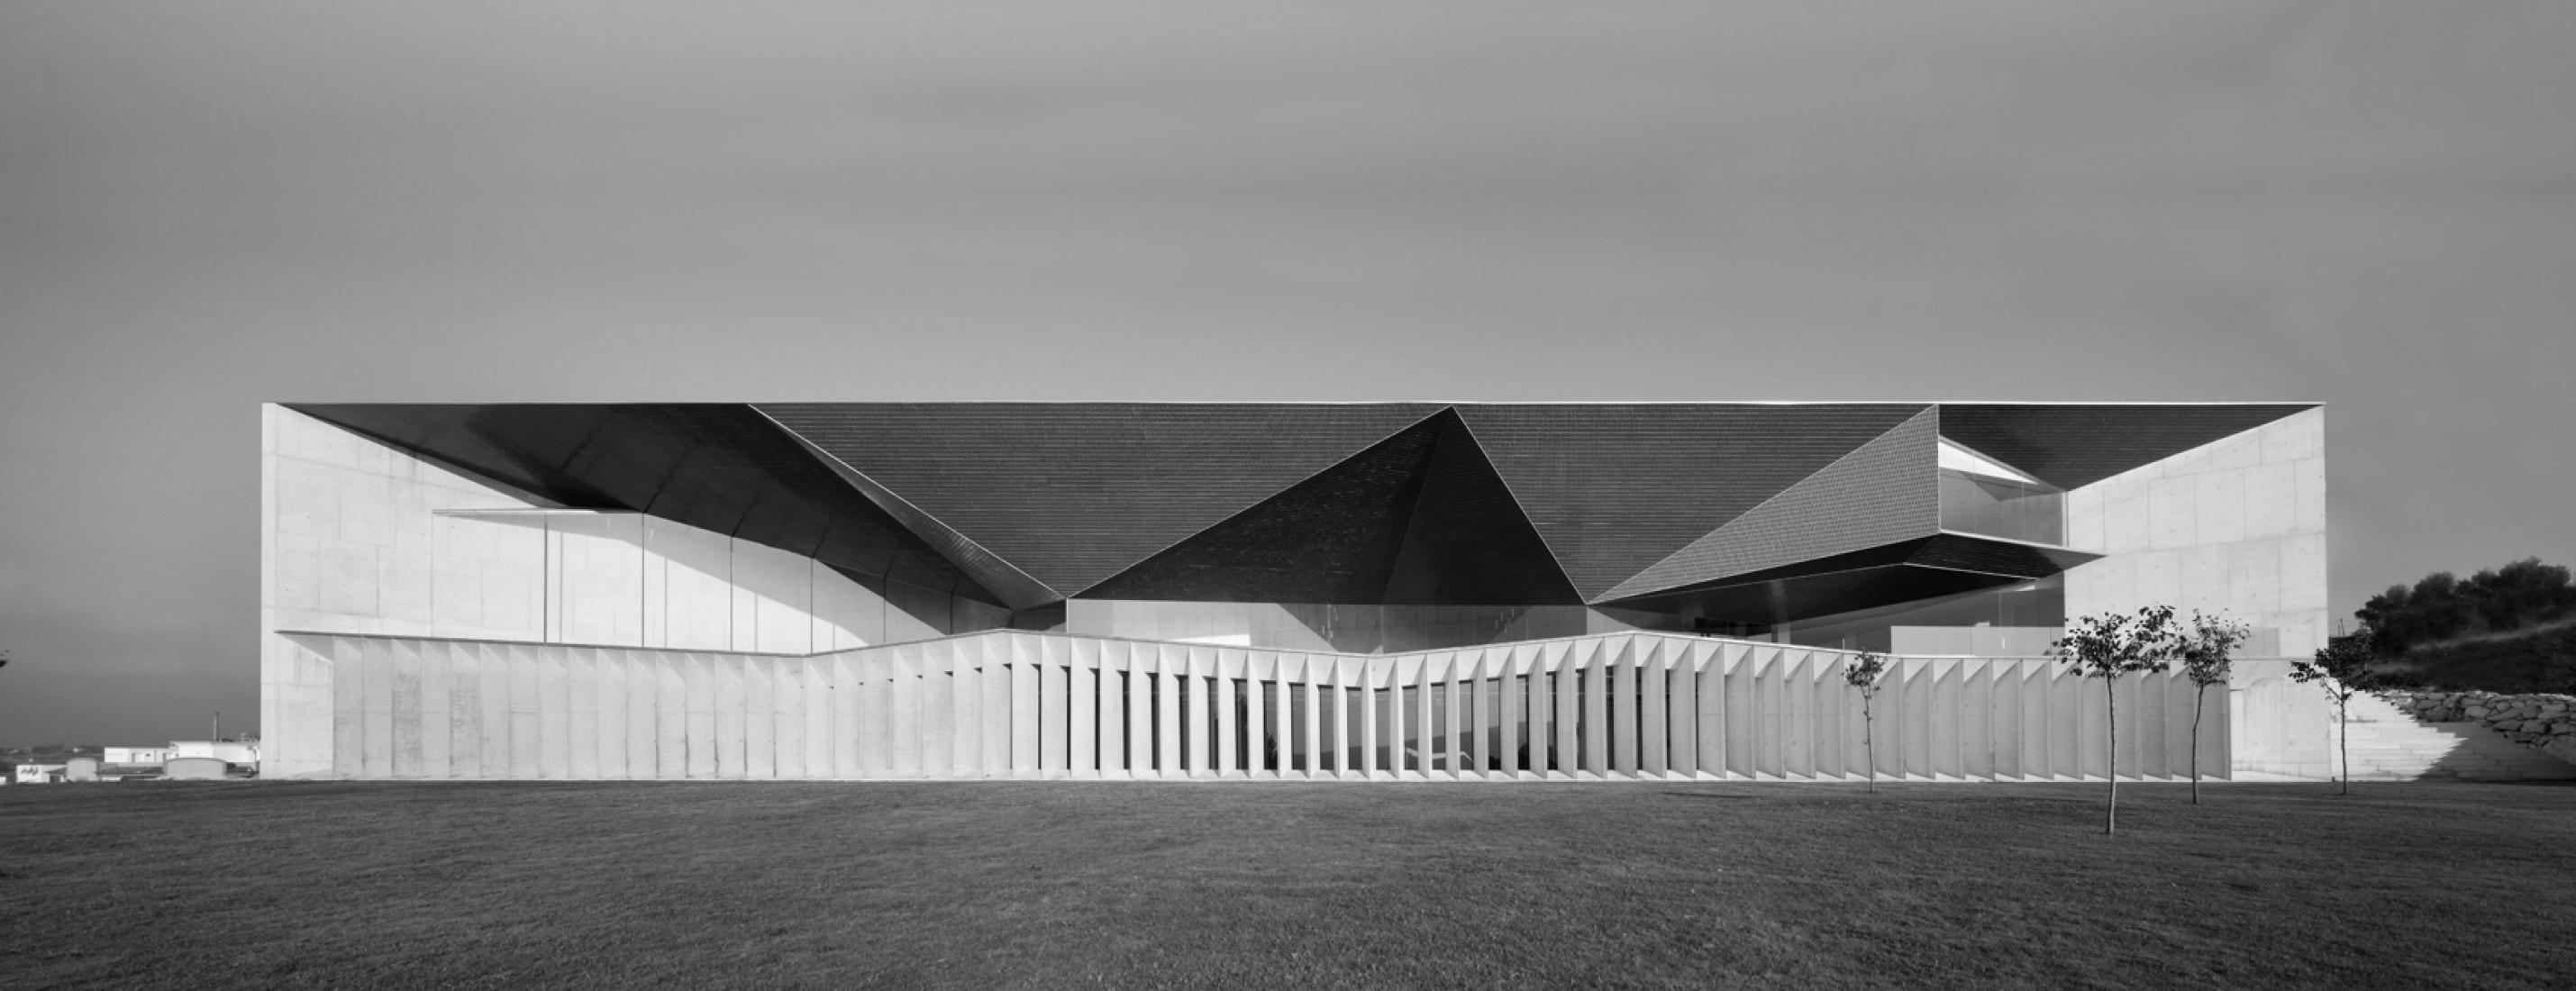 Exterior. Auditorio de Teulada, Teulada-Moraira, Alicante. Foto © Juan Rodríguez.